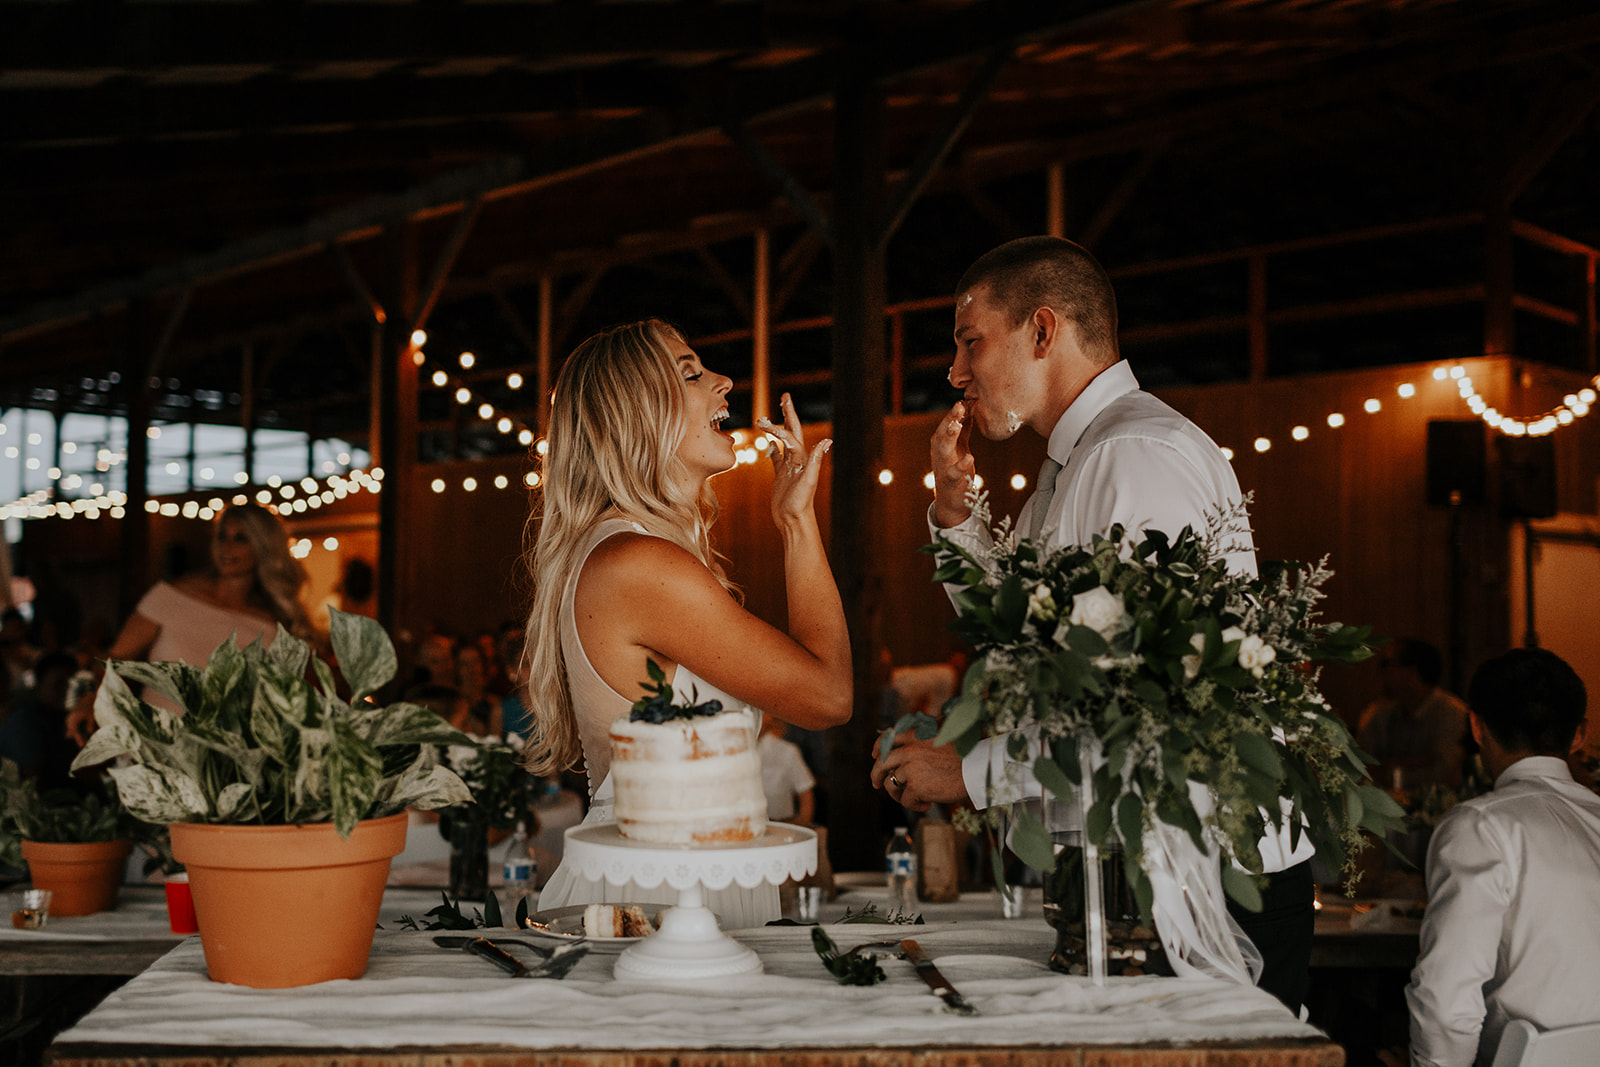 ginapaulson_larabryce_wedding-1153.jpg